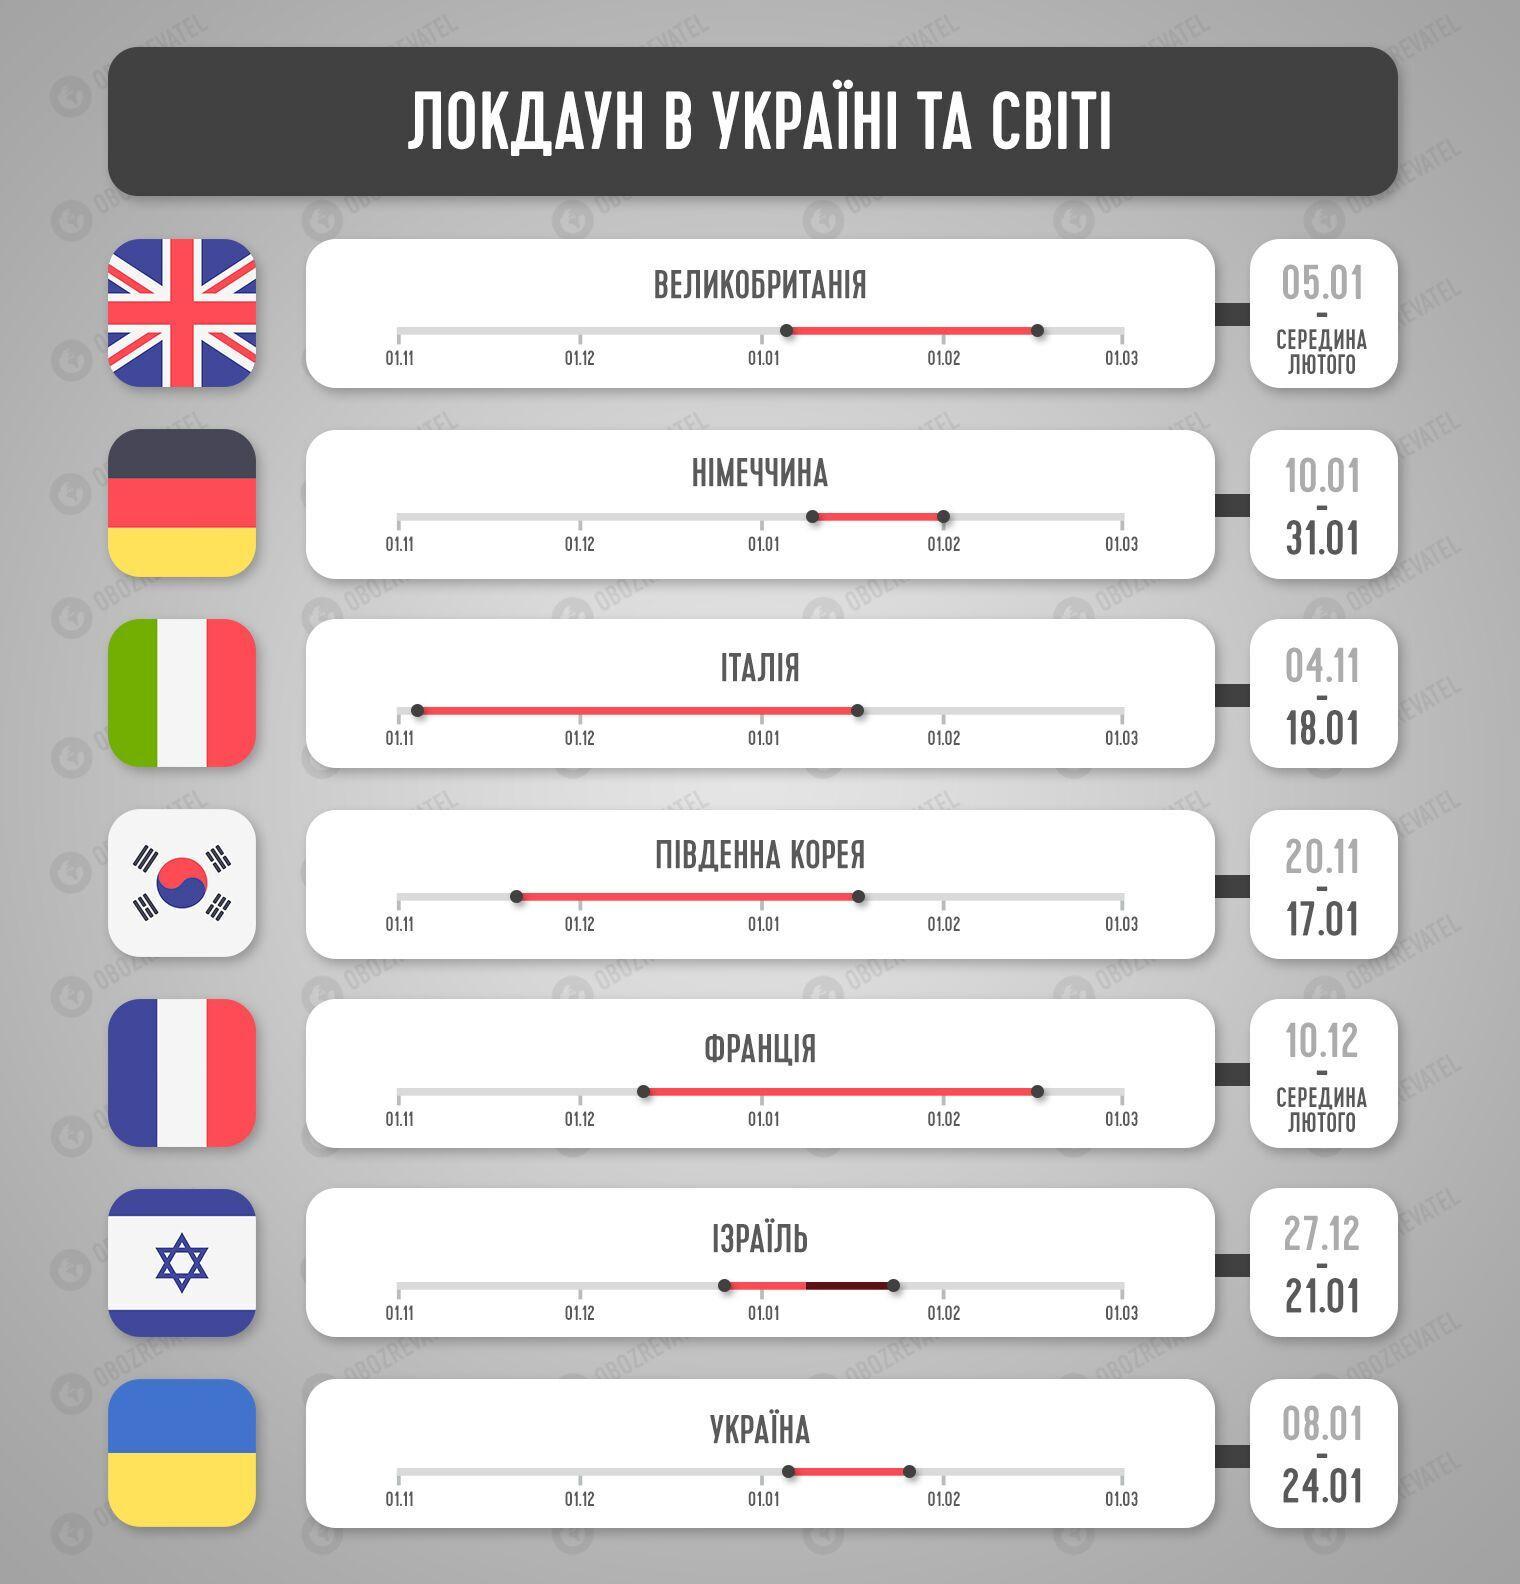 Скільки триває локдаун у країнах світу.